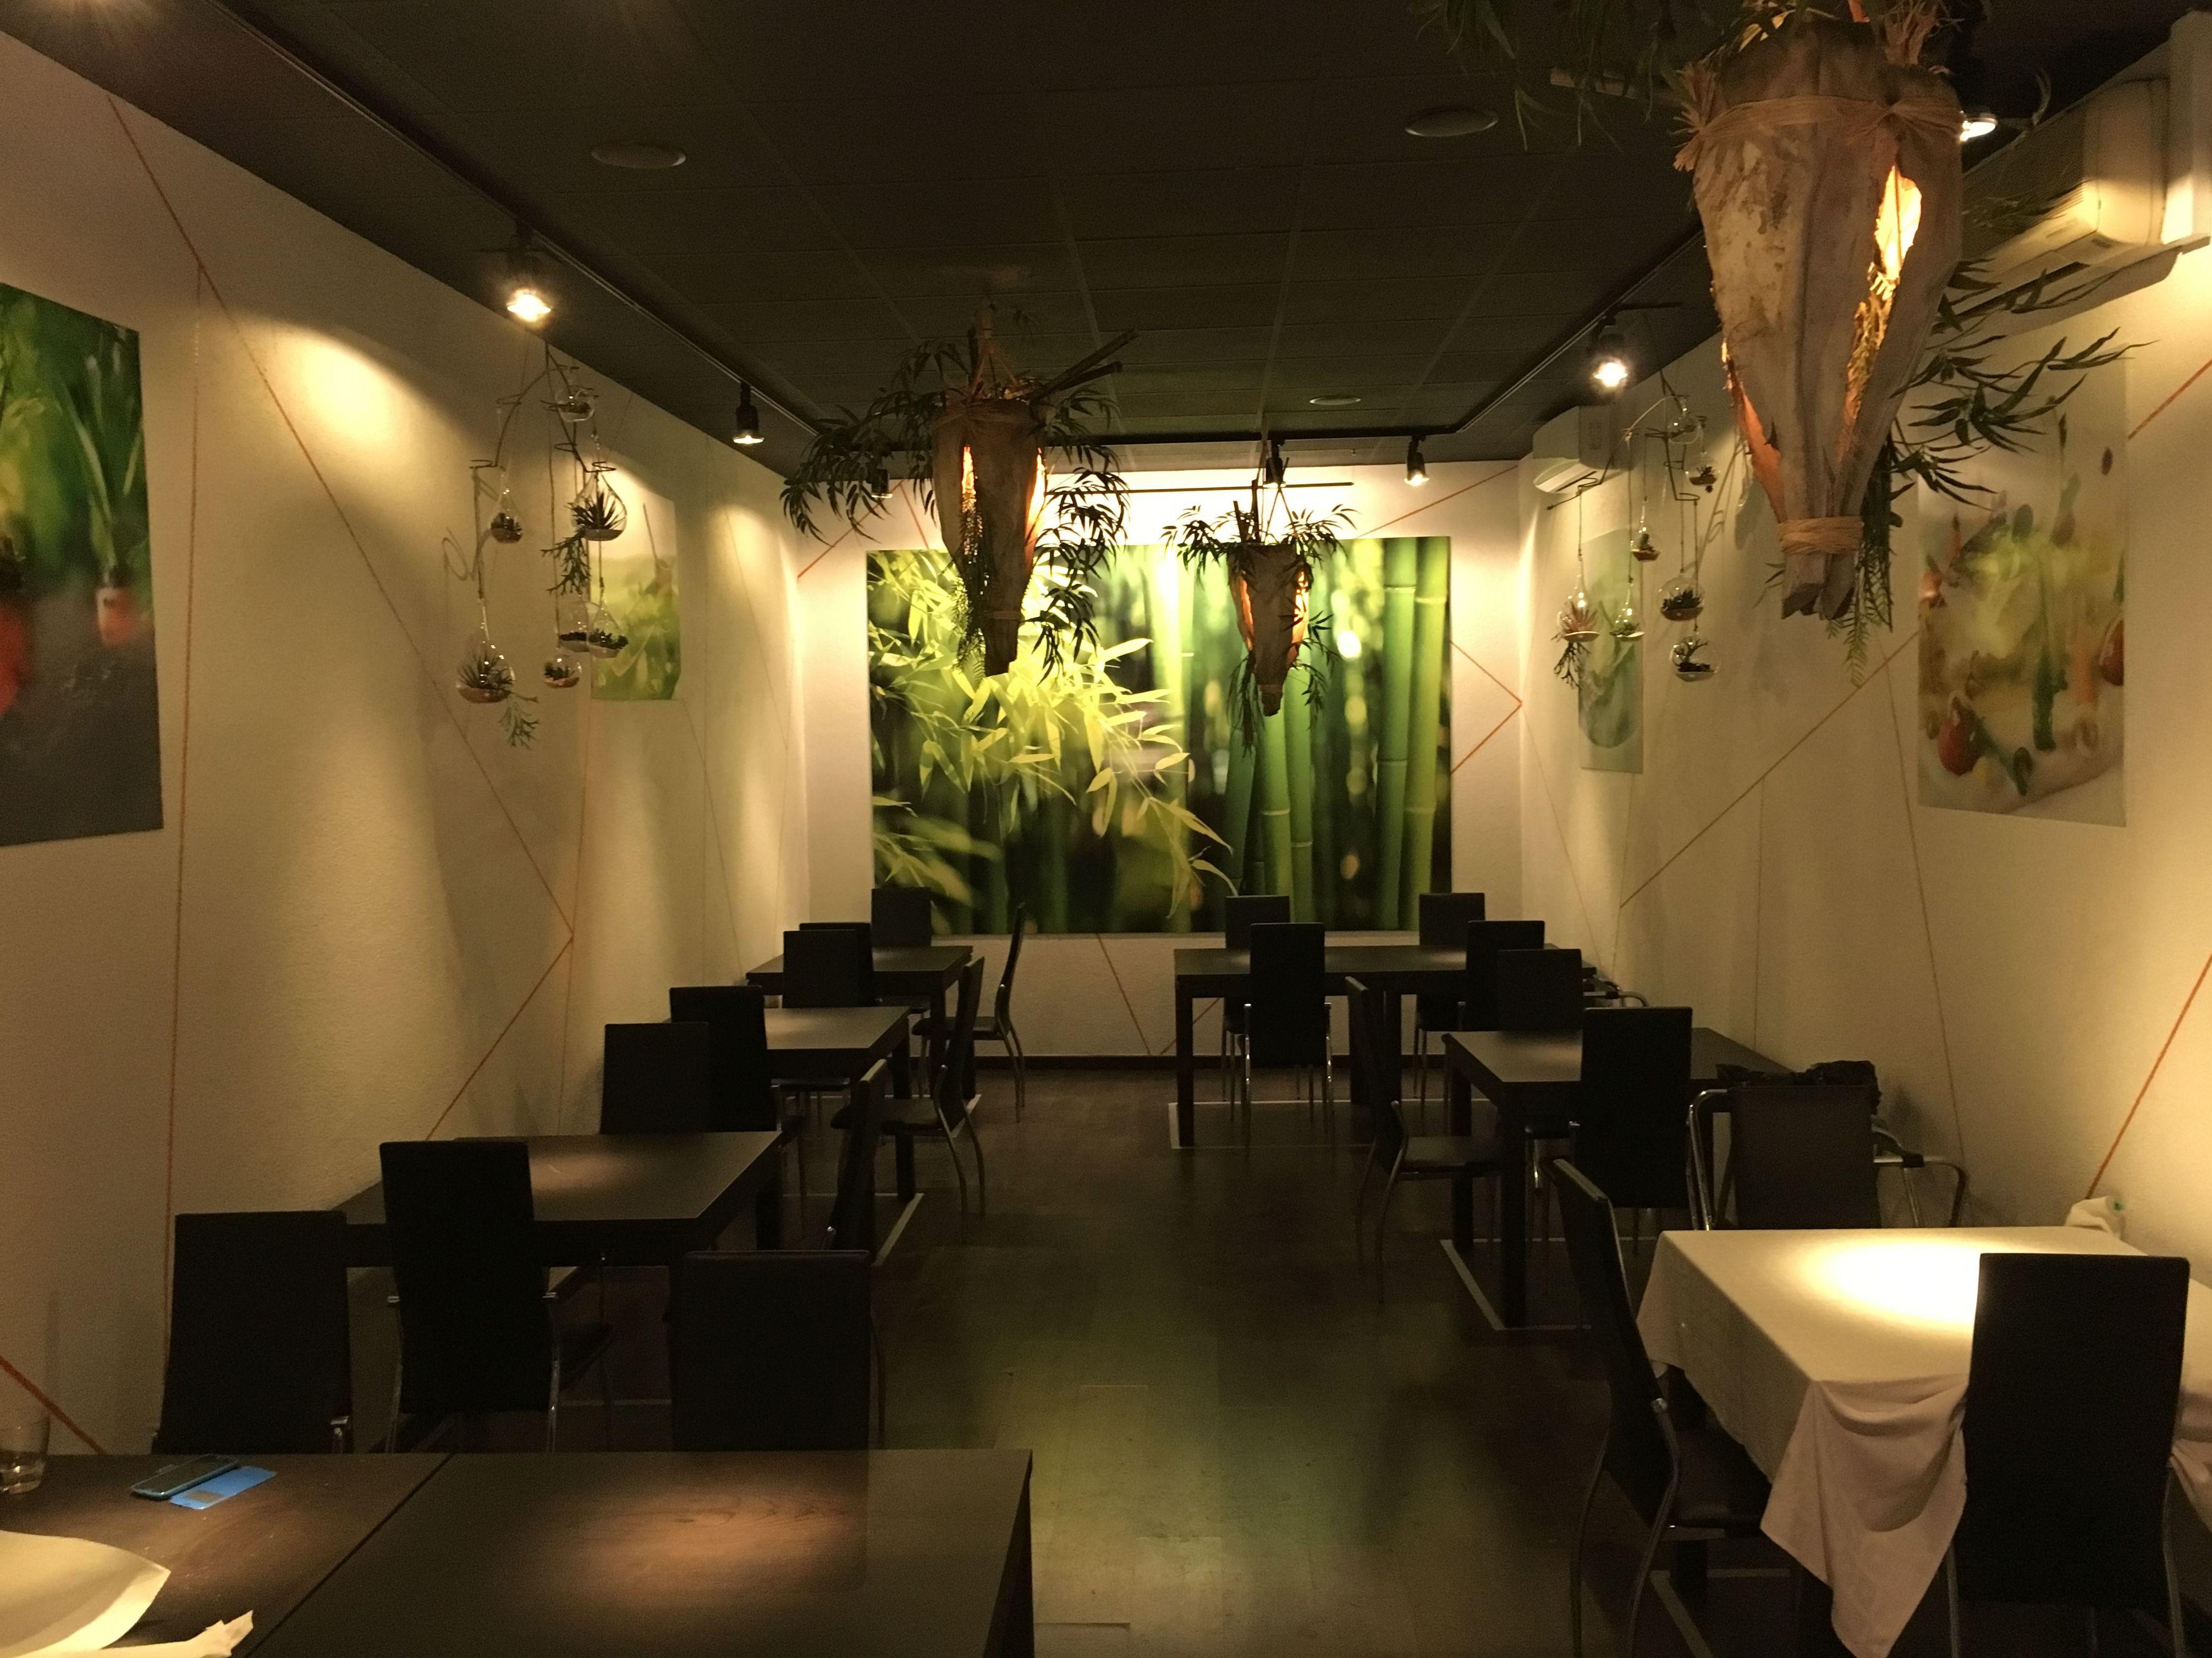 Restaurante Raul Resino -  Estrella michelin